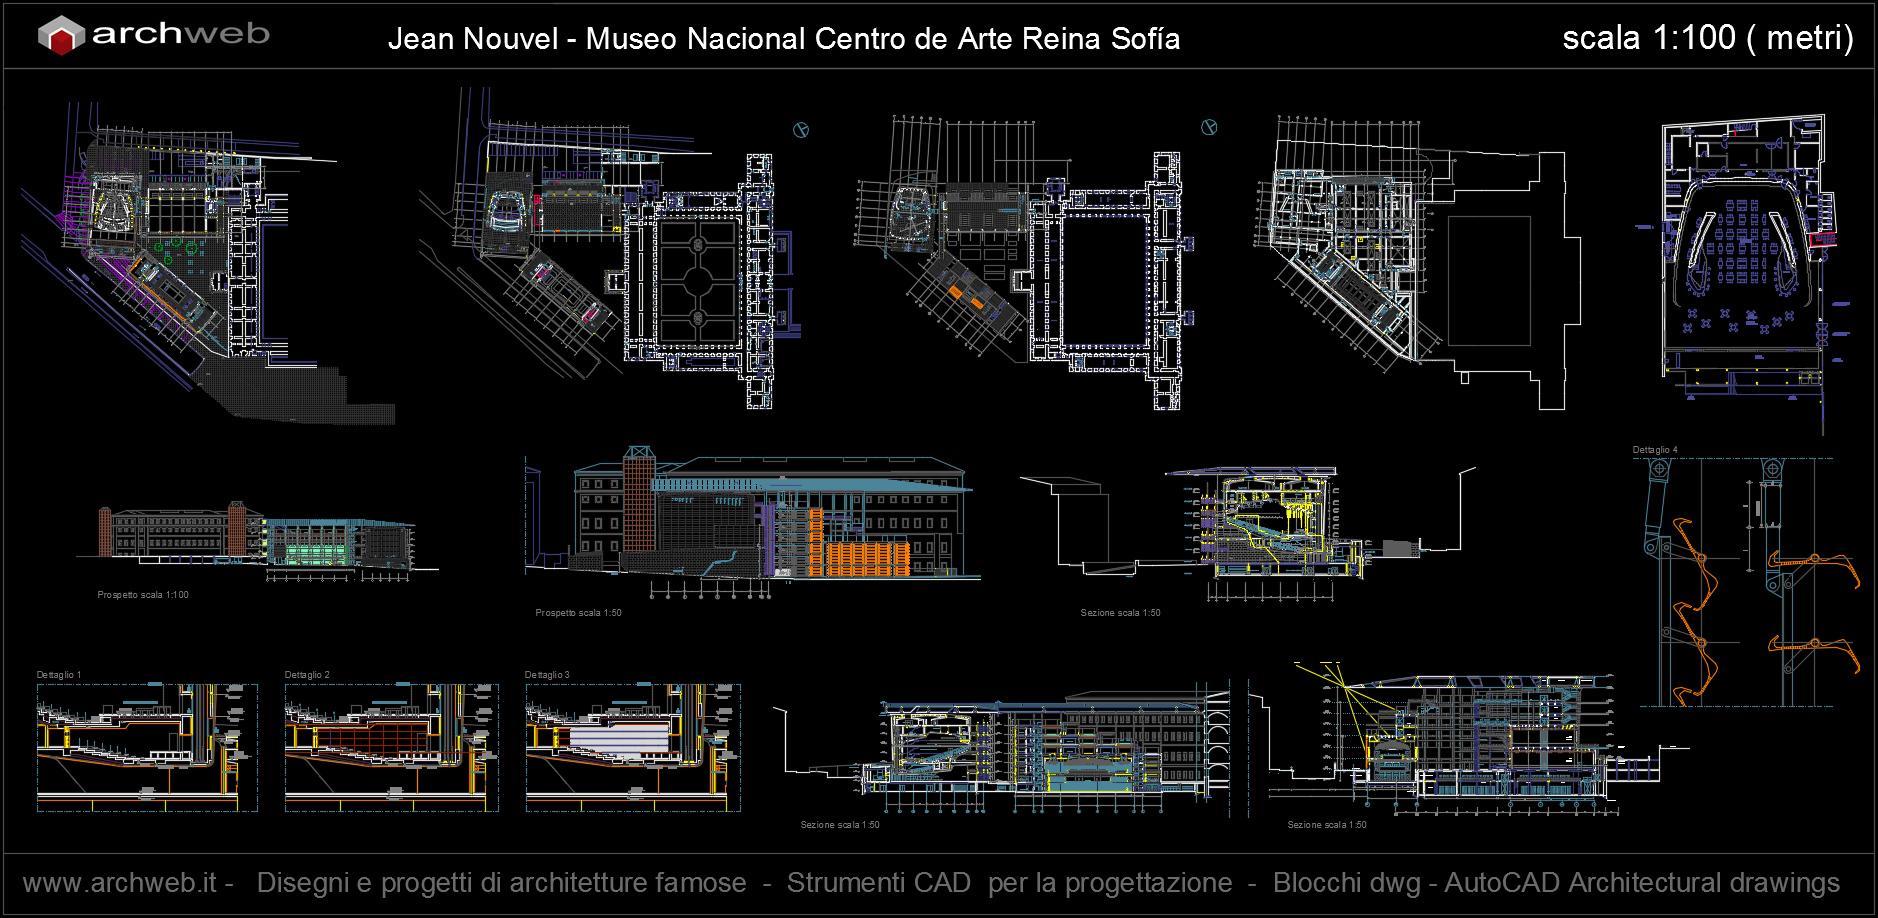 Nouvel ampliamento del museo reina sof a for Arredi dwg gratis